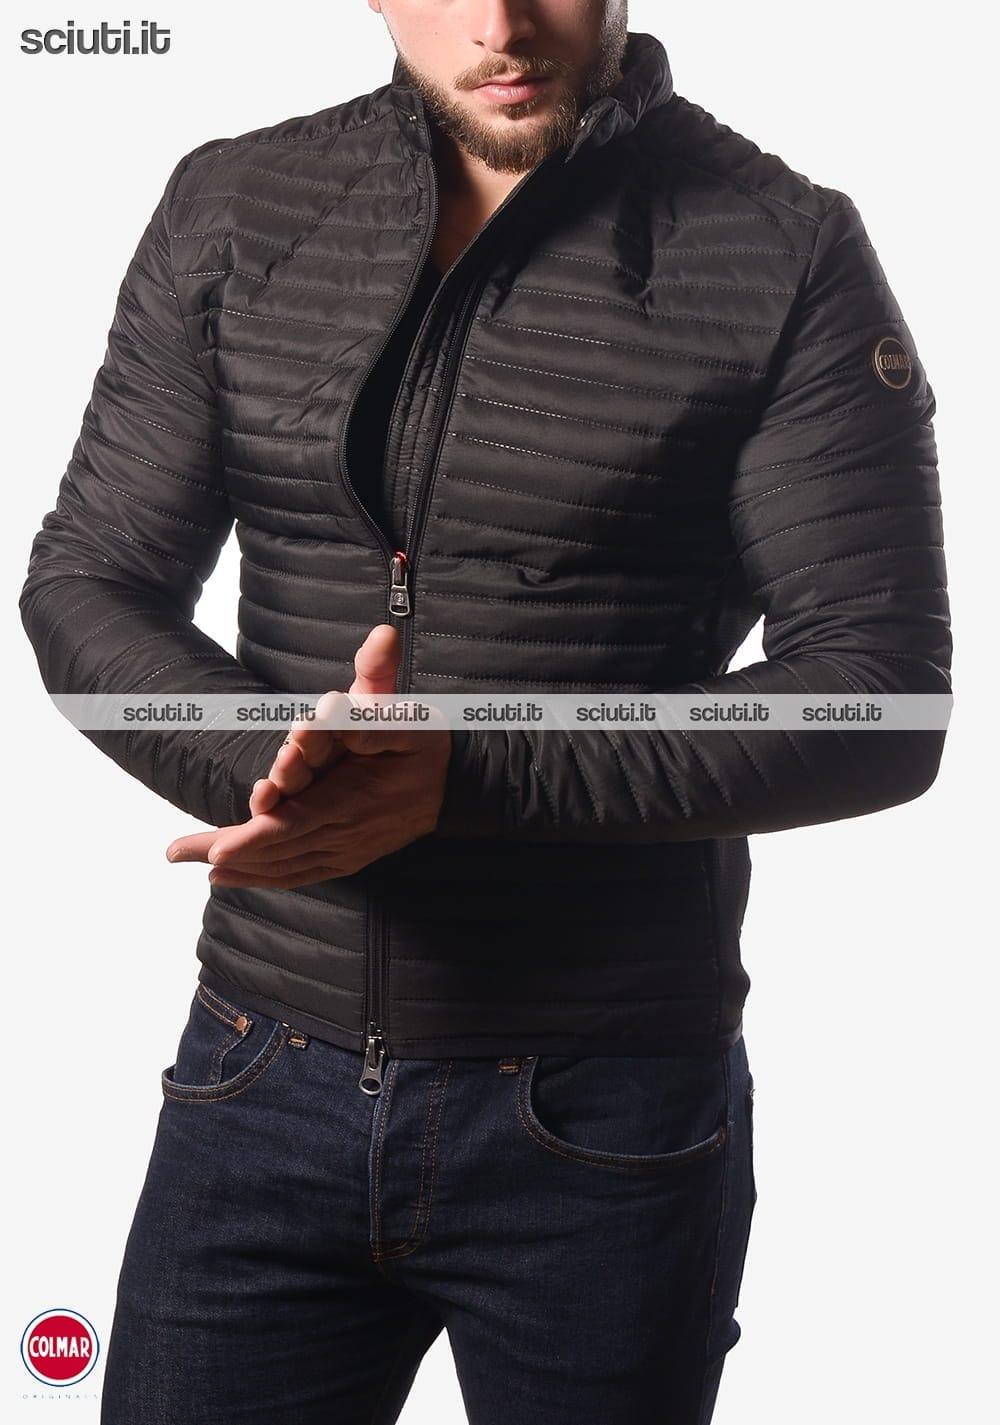 buy popular fa03c a70f8 Piumino Colmar uomo senza cappuccio leggero nero imbottitura ...